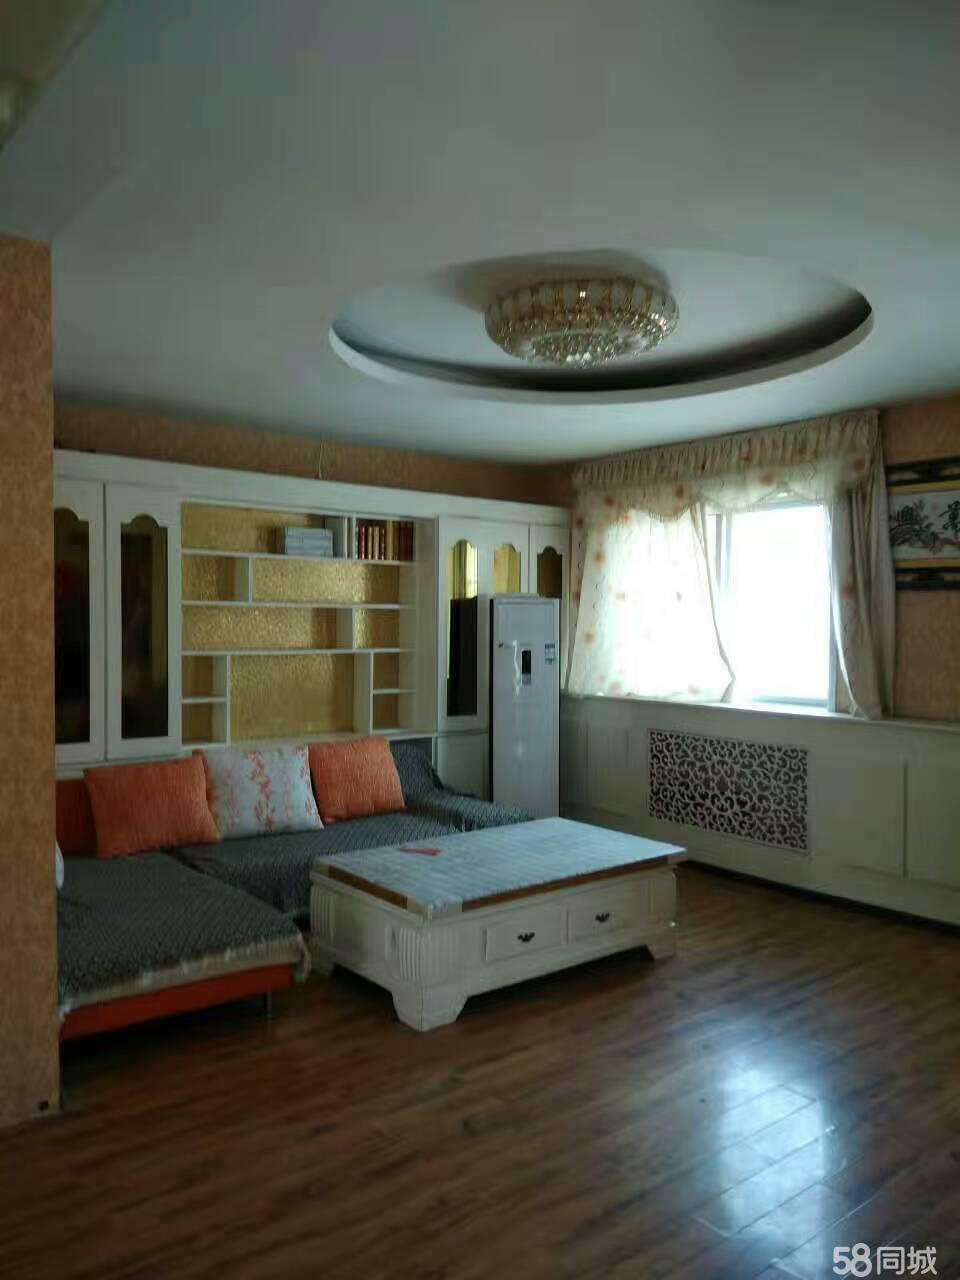 澳门星际官网花样年华2室2厅89平米简单装修年付